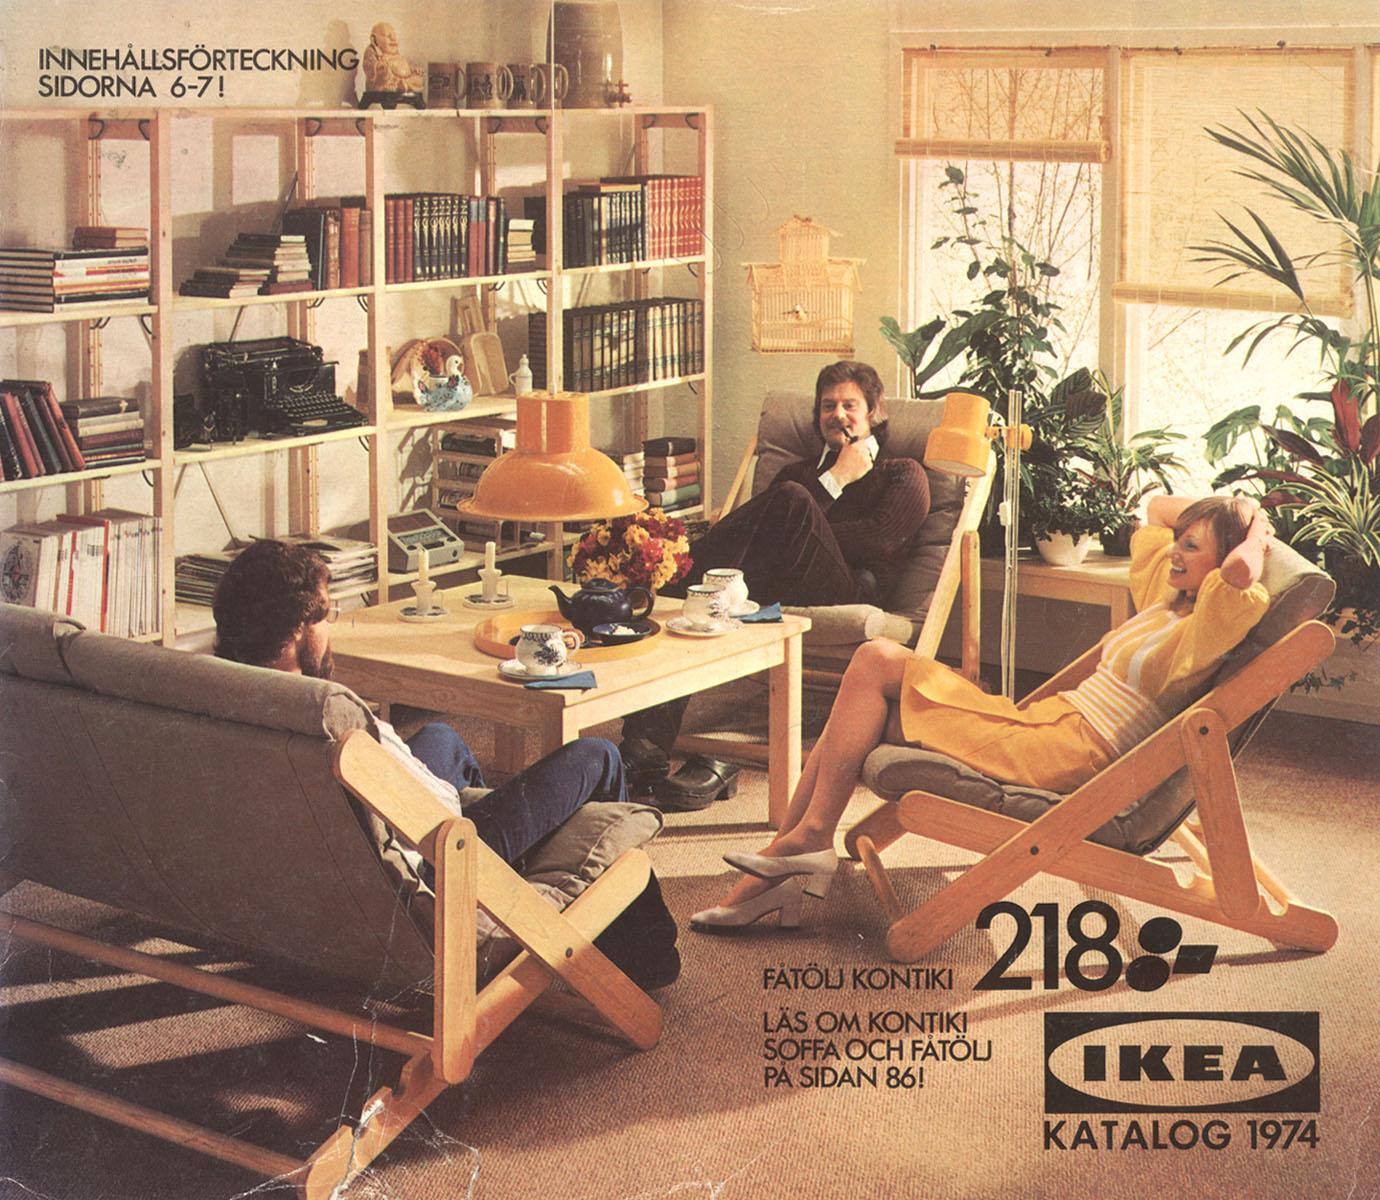 Ikea Catalogue 2014 Ikea Catalog Covers From 1951 2018